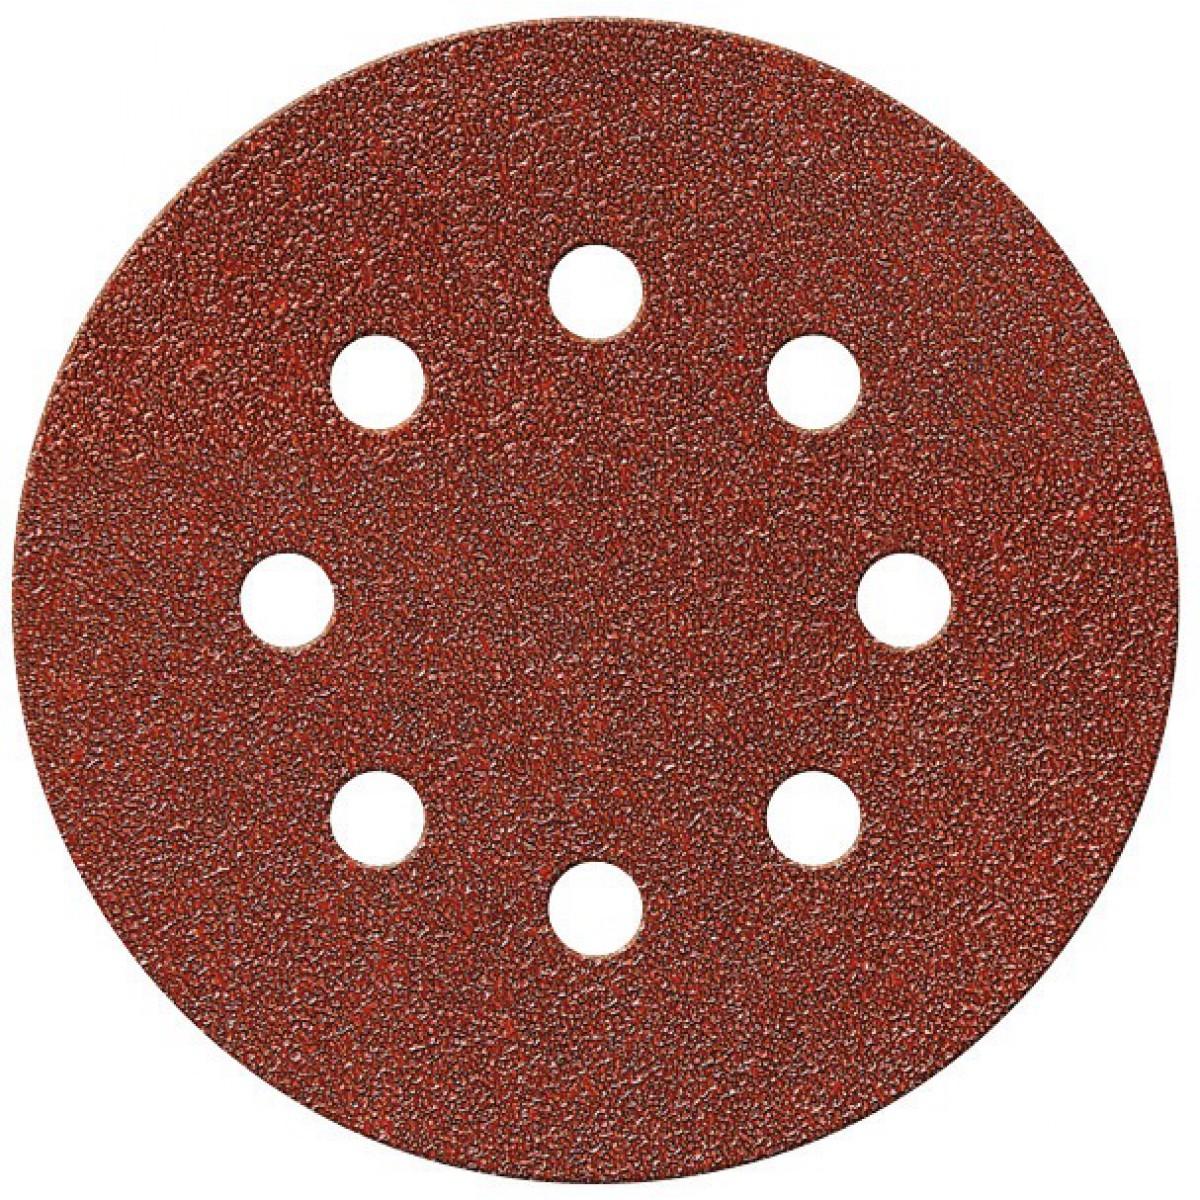 Disque auto-agrippant 8 trous SCID - Grain 40, 80, 120 - Diamètre 115 mm - Vendu par 5